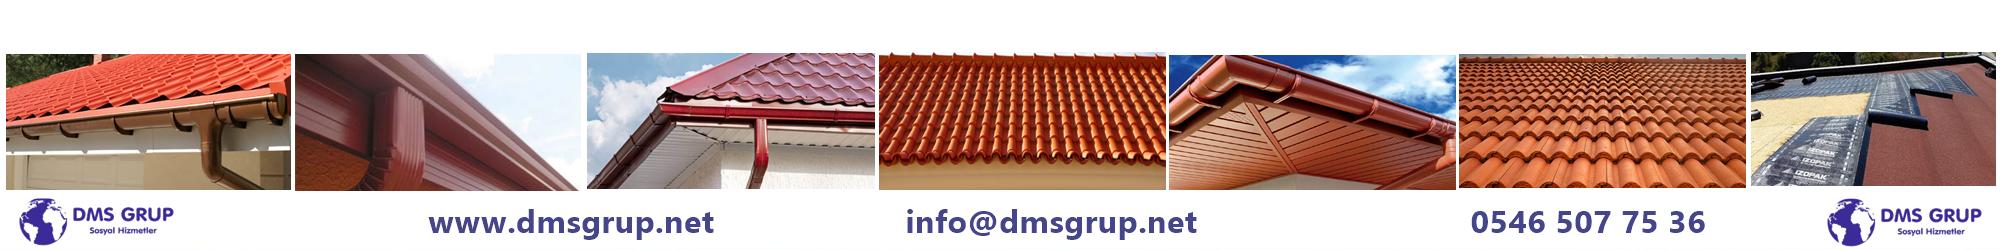 Dms Grup Tesisat & Yalıtım İşleri  Çatı İzolasyon Tesisat & Yalıtım İşleri